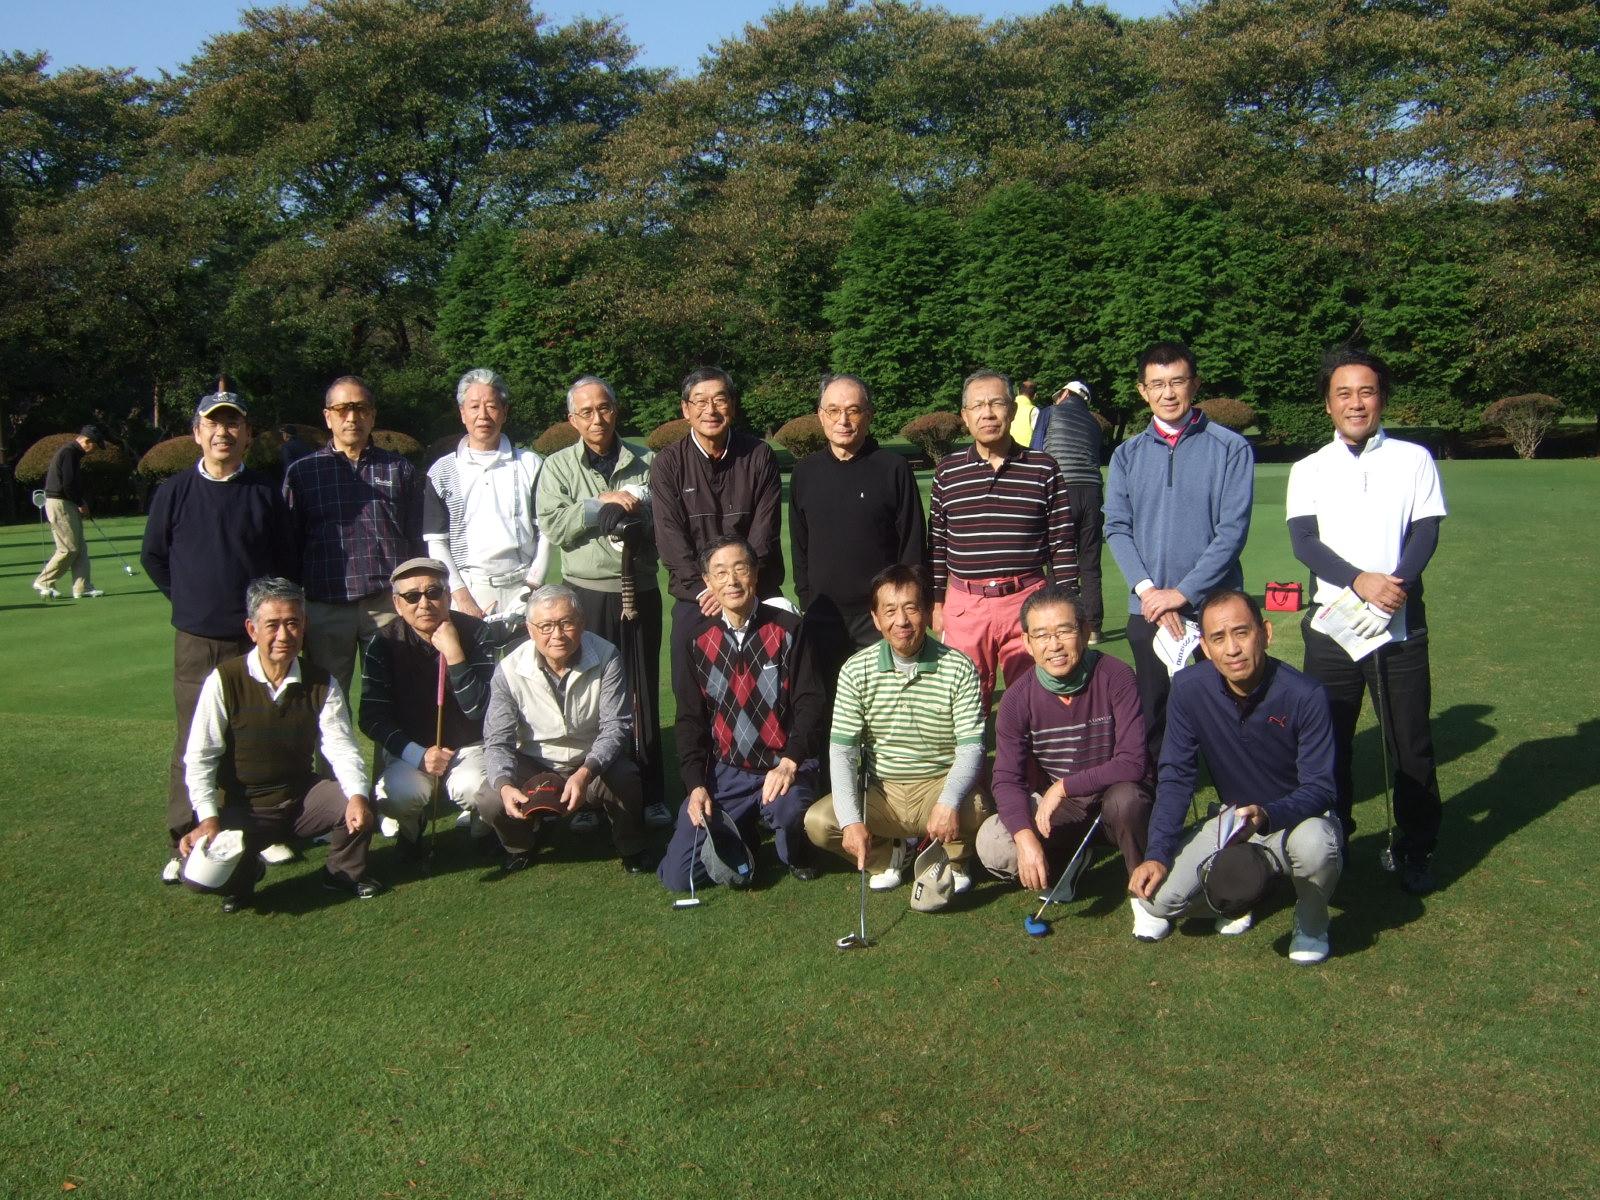 2017年に行われた第3回親睦ゴルフの様子